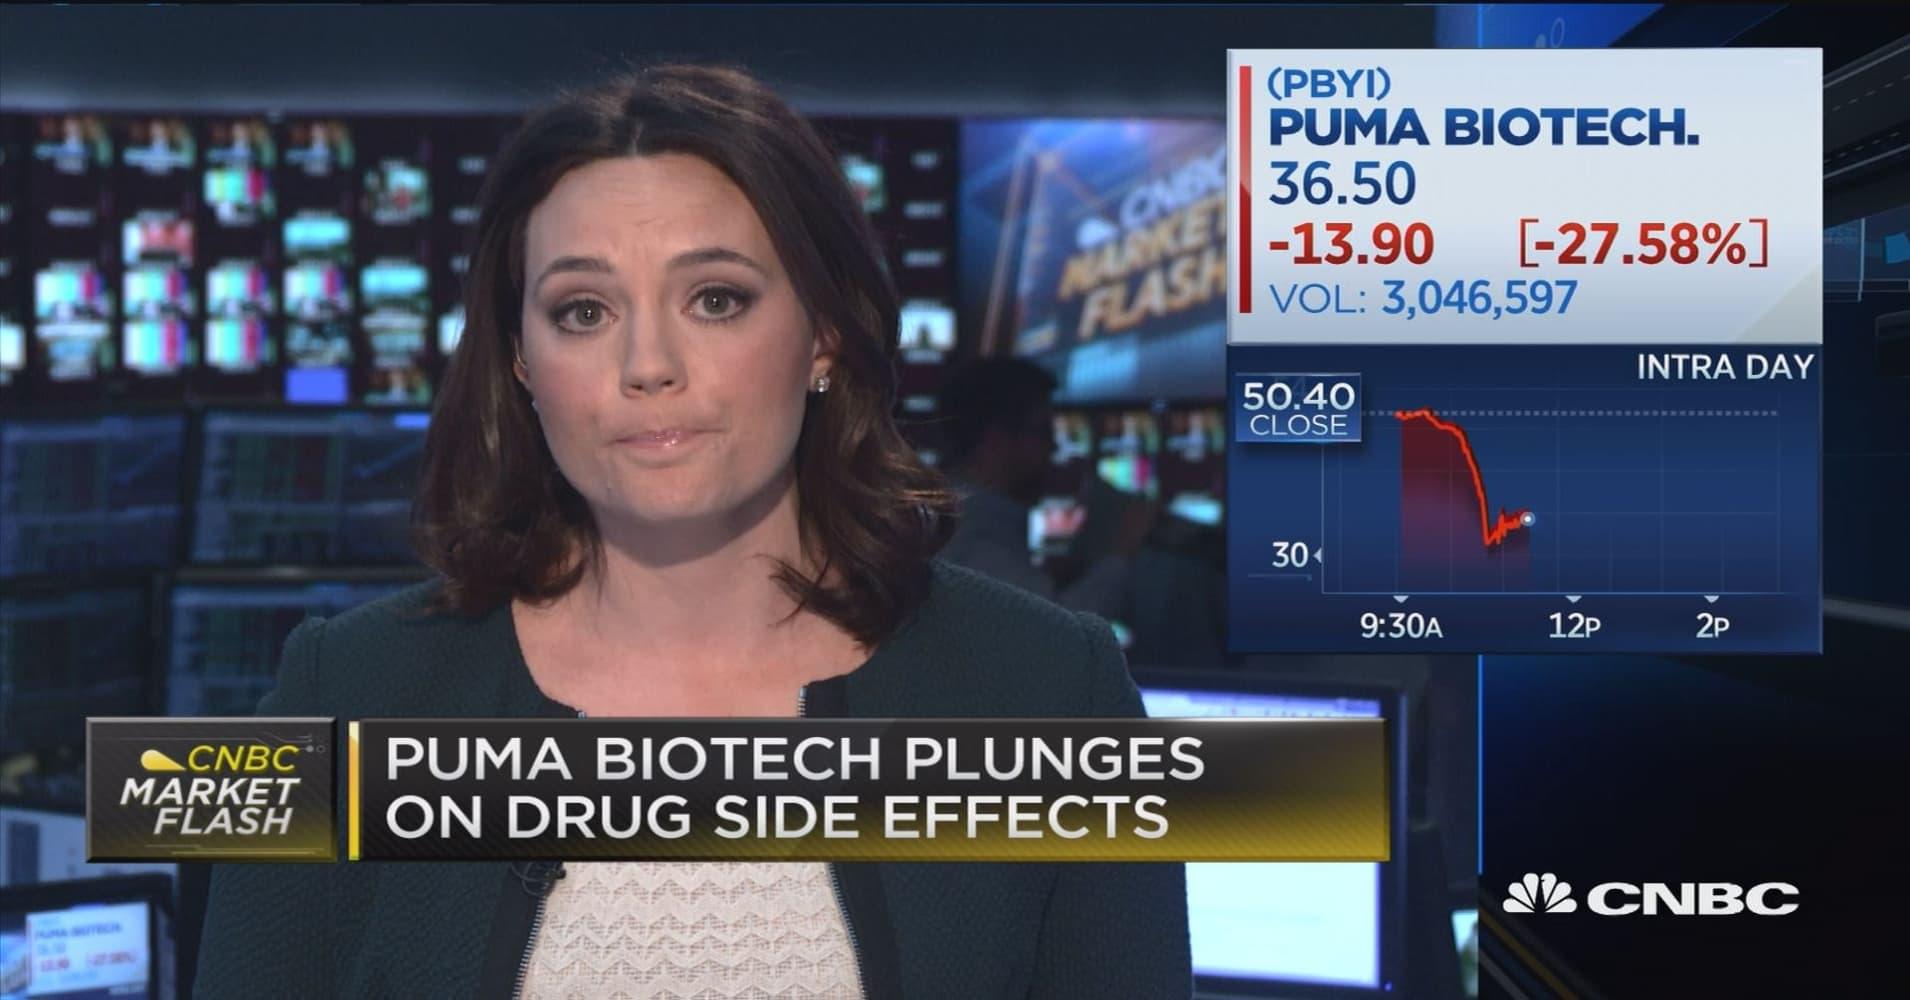 puma biotech news